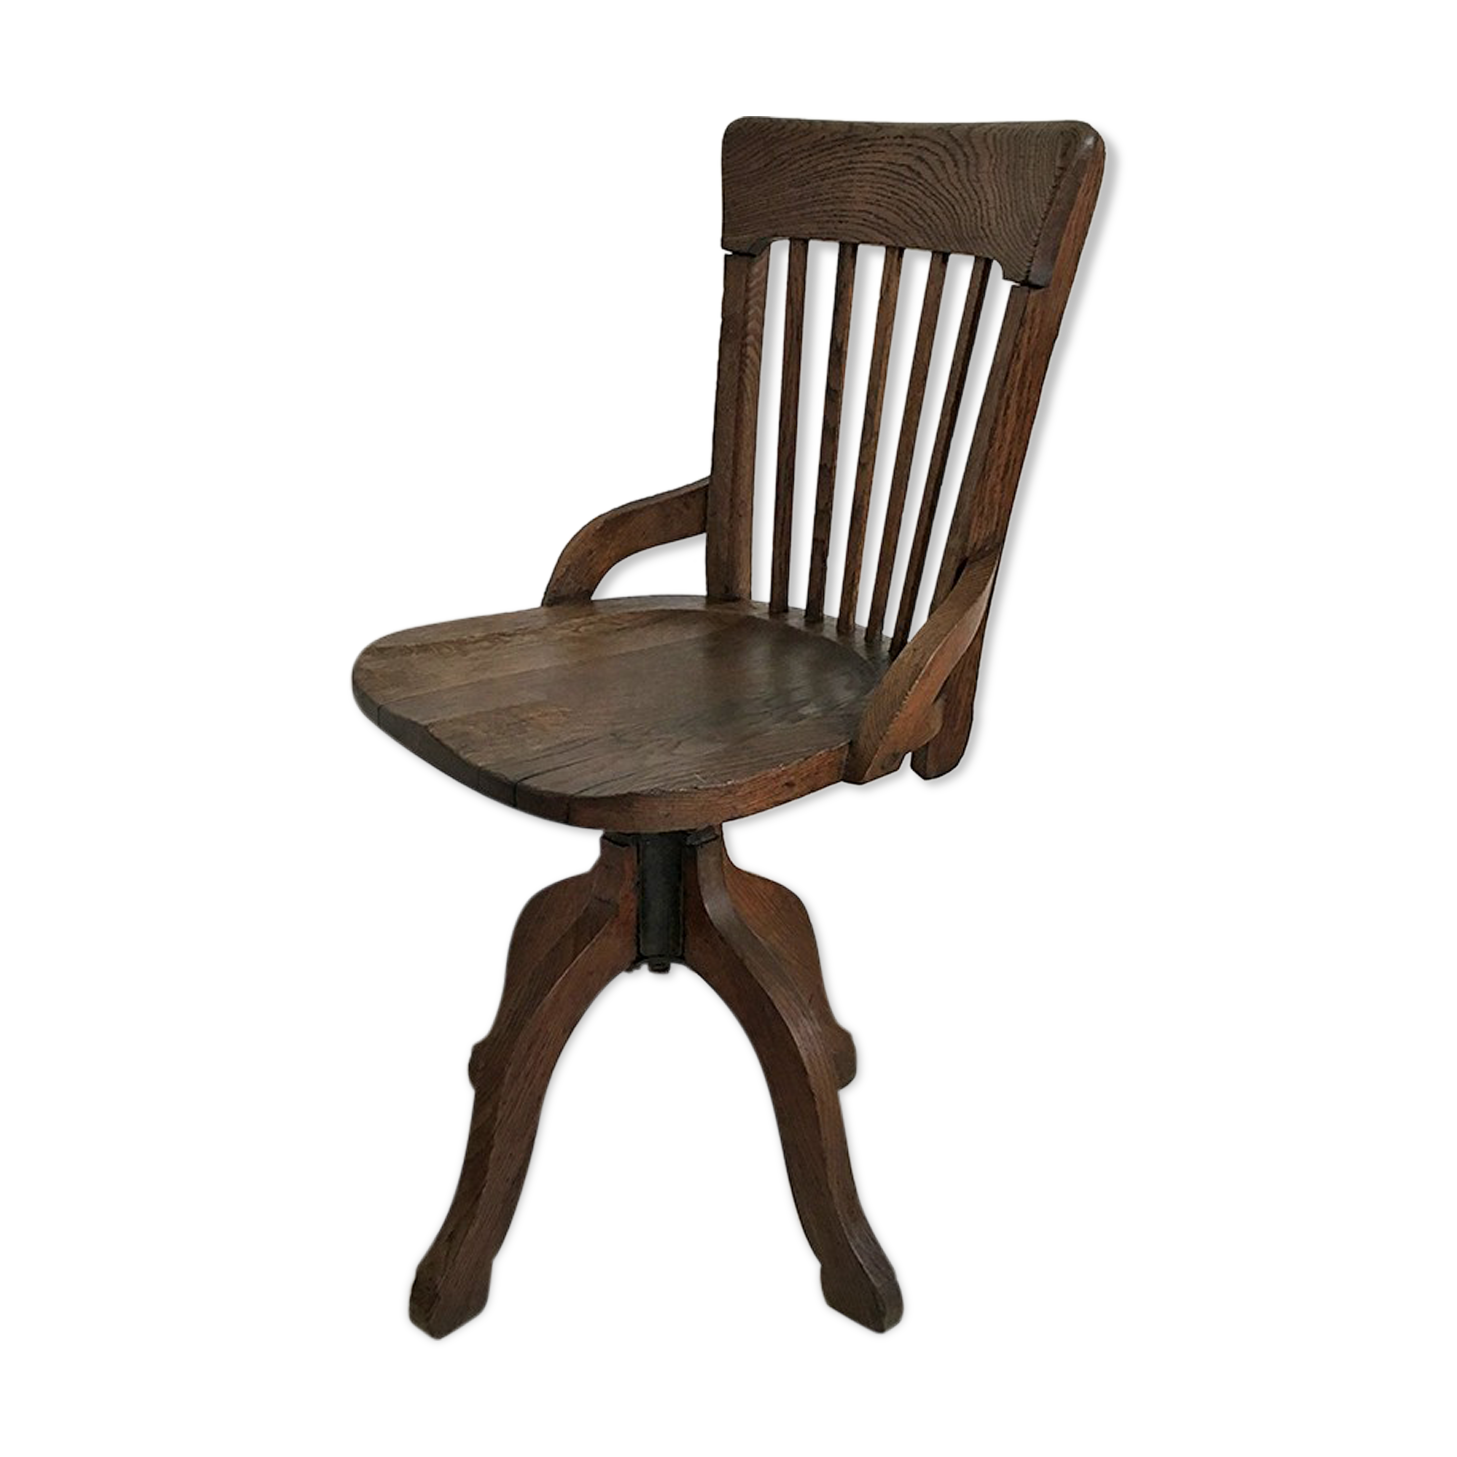 Fauteuil de bureau vintage s scholz bois matériau marron